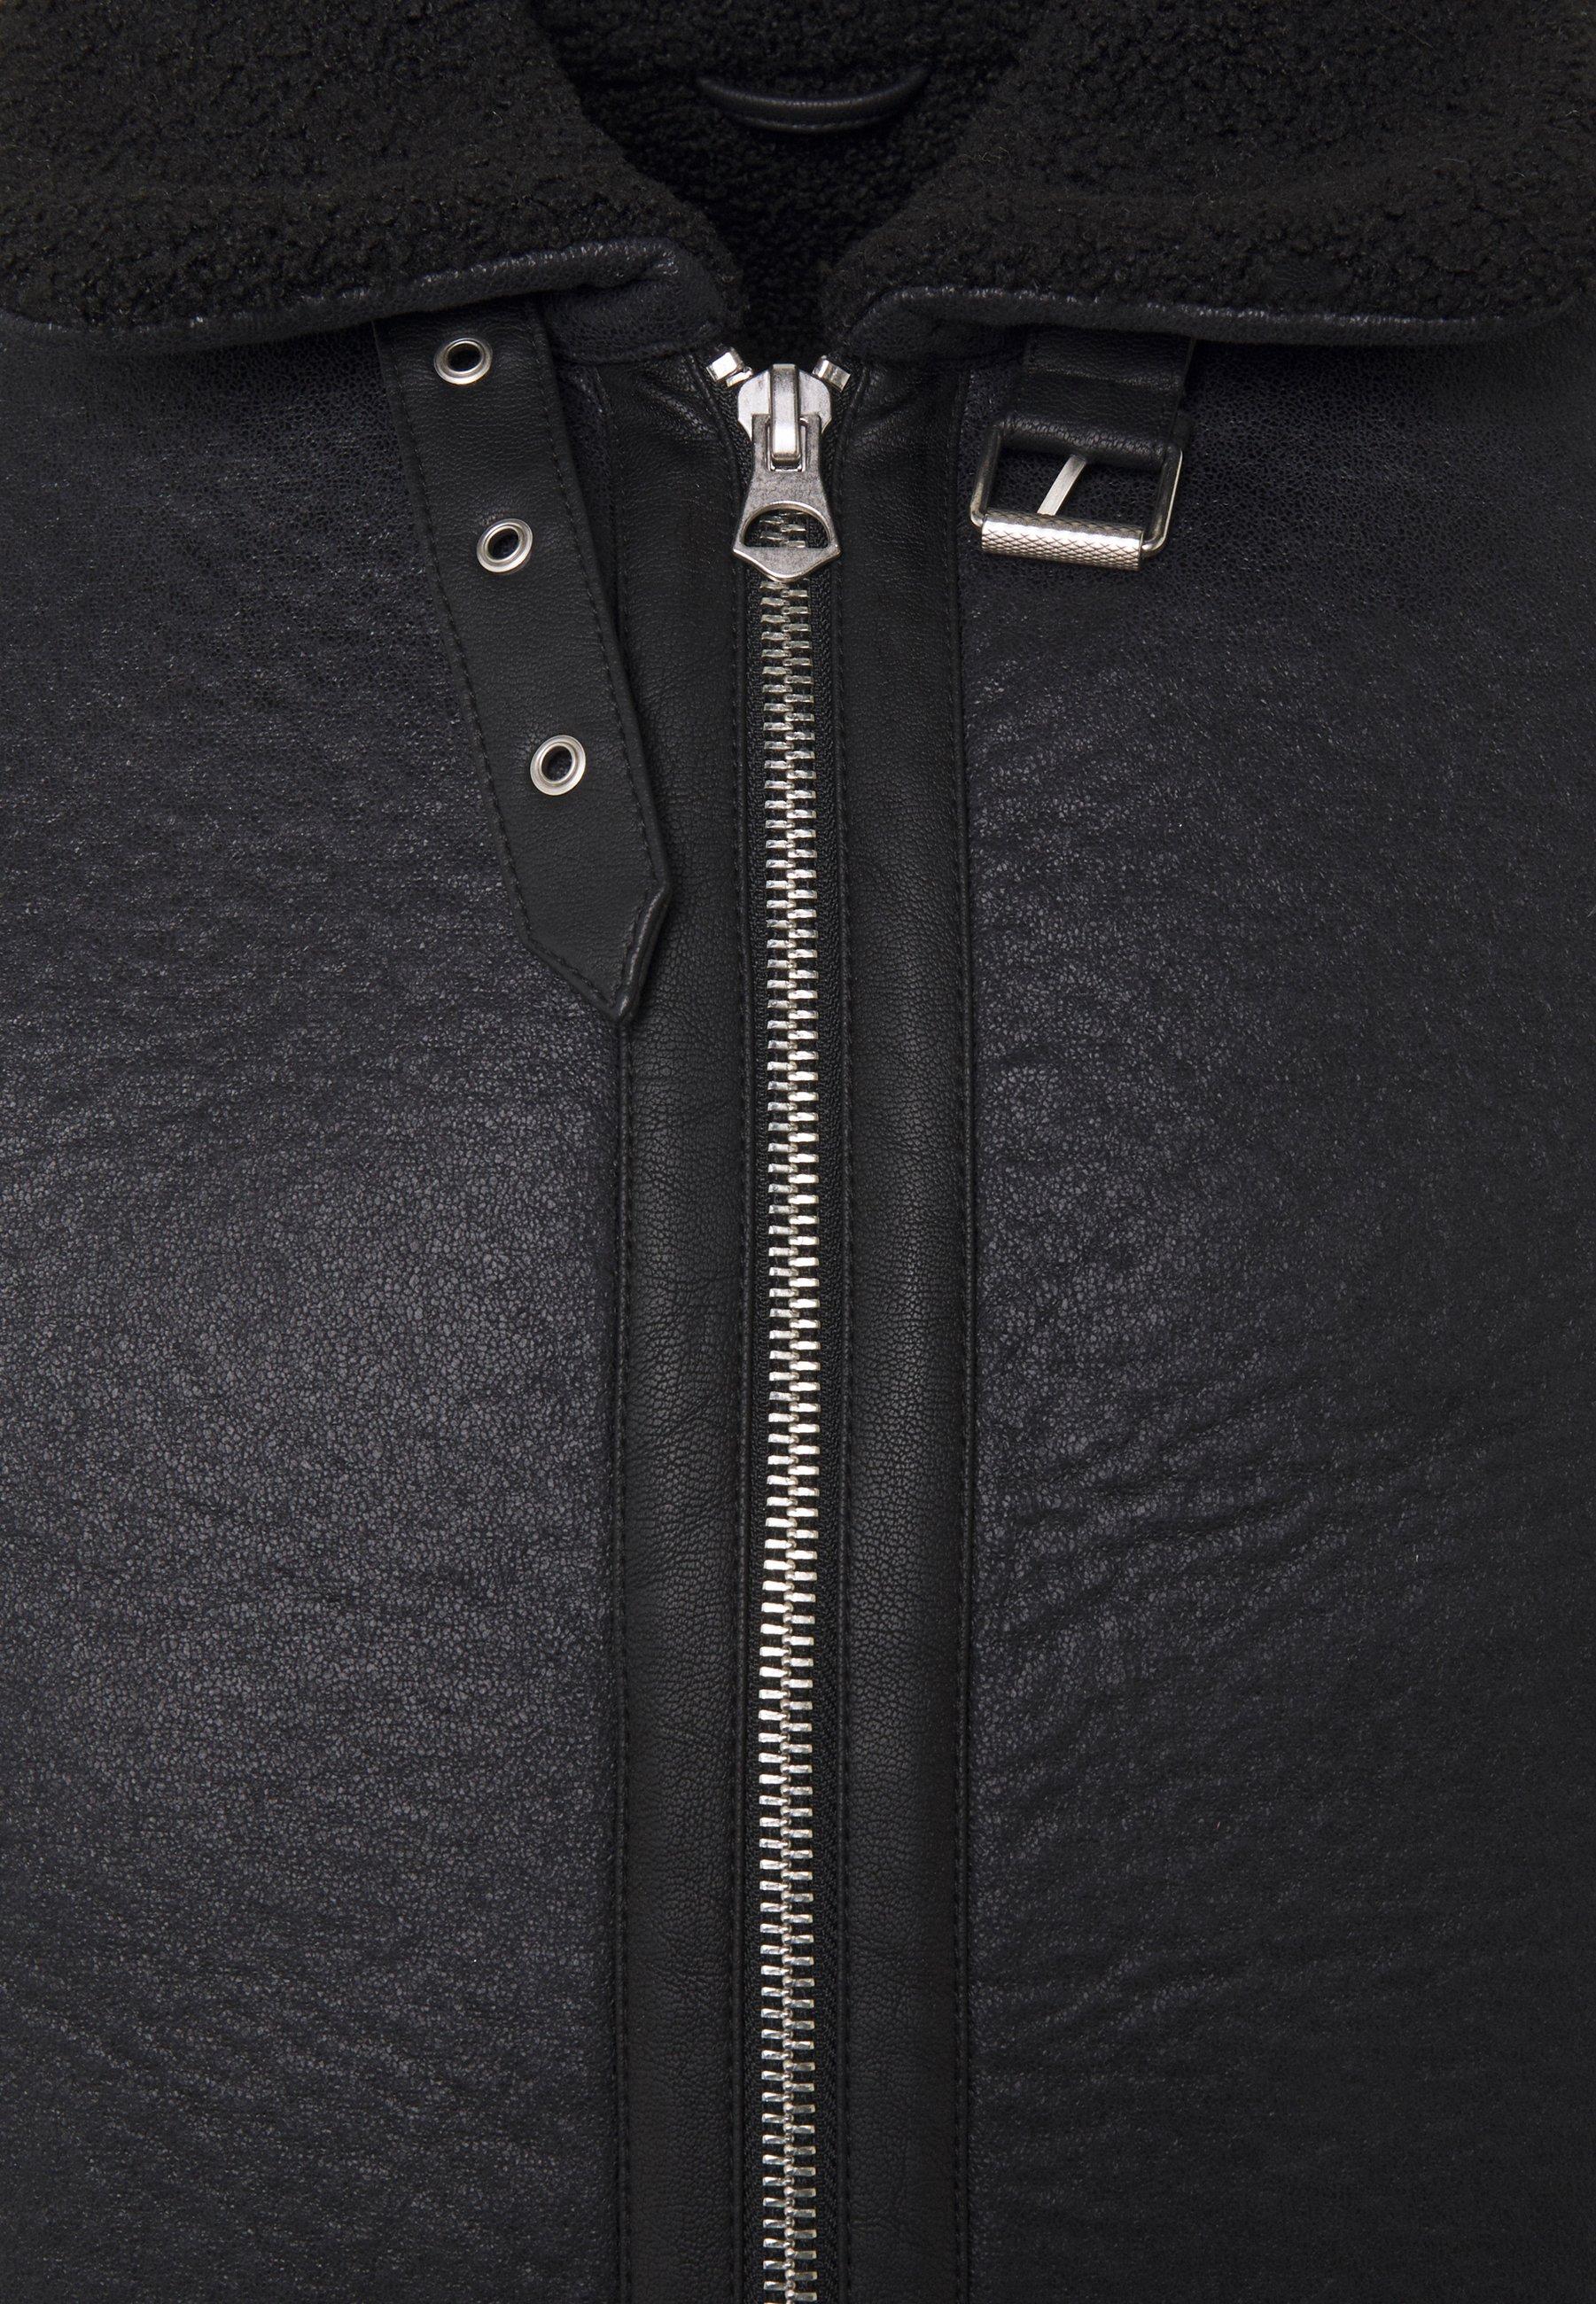 Ofertas Ropa de hombre Jack & Jones JOREAGLE JACKET Chaqueta de cuero sintético black bHWxy2